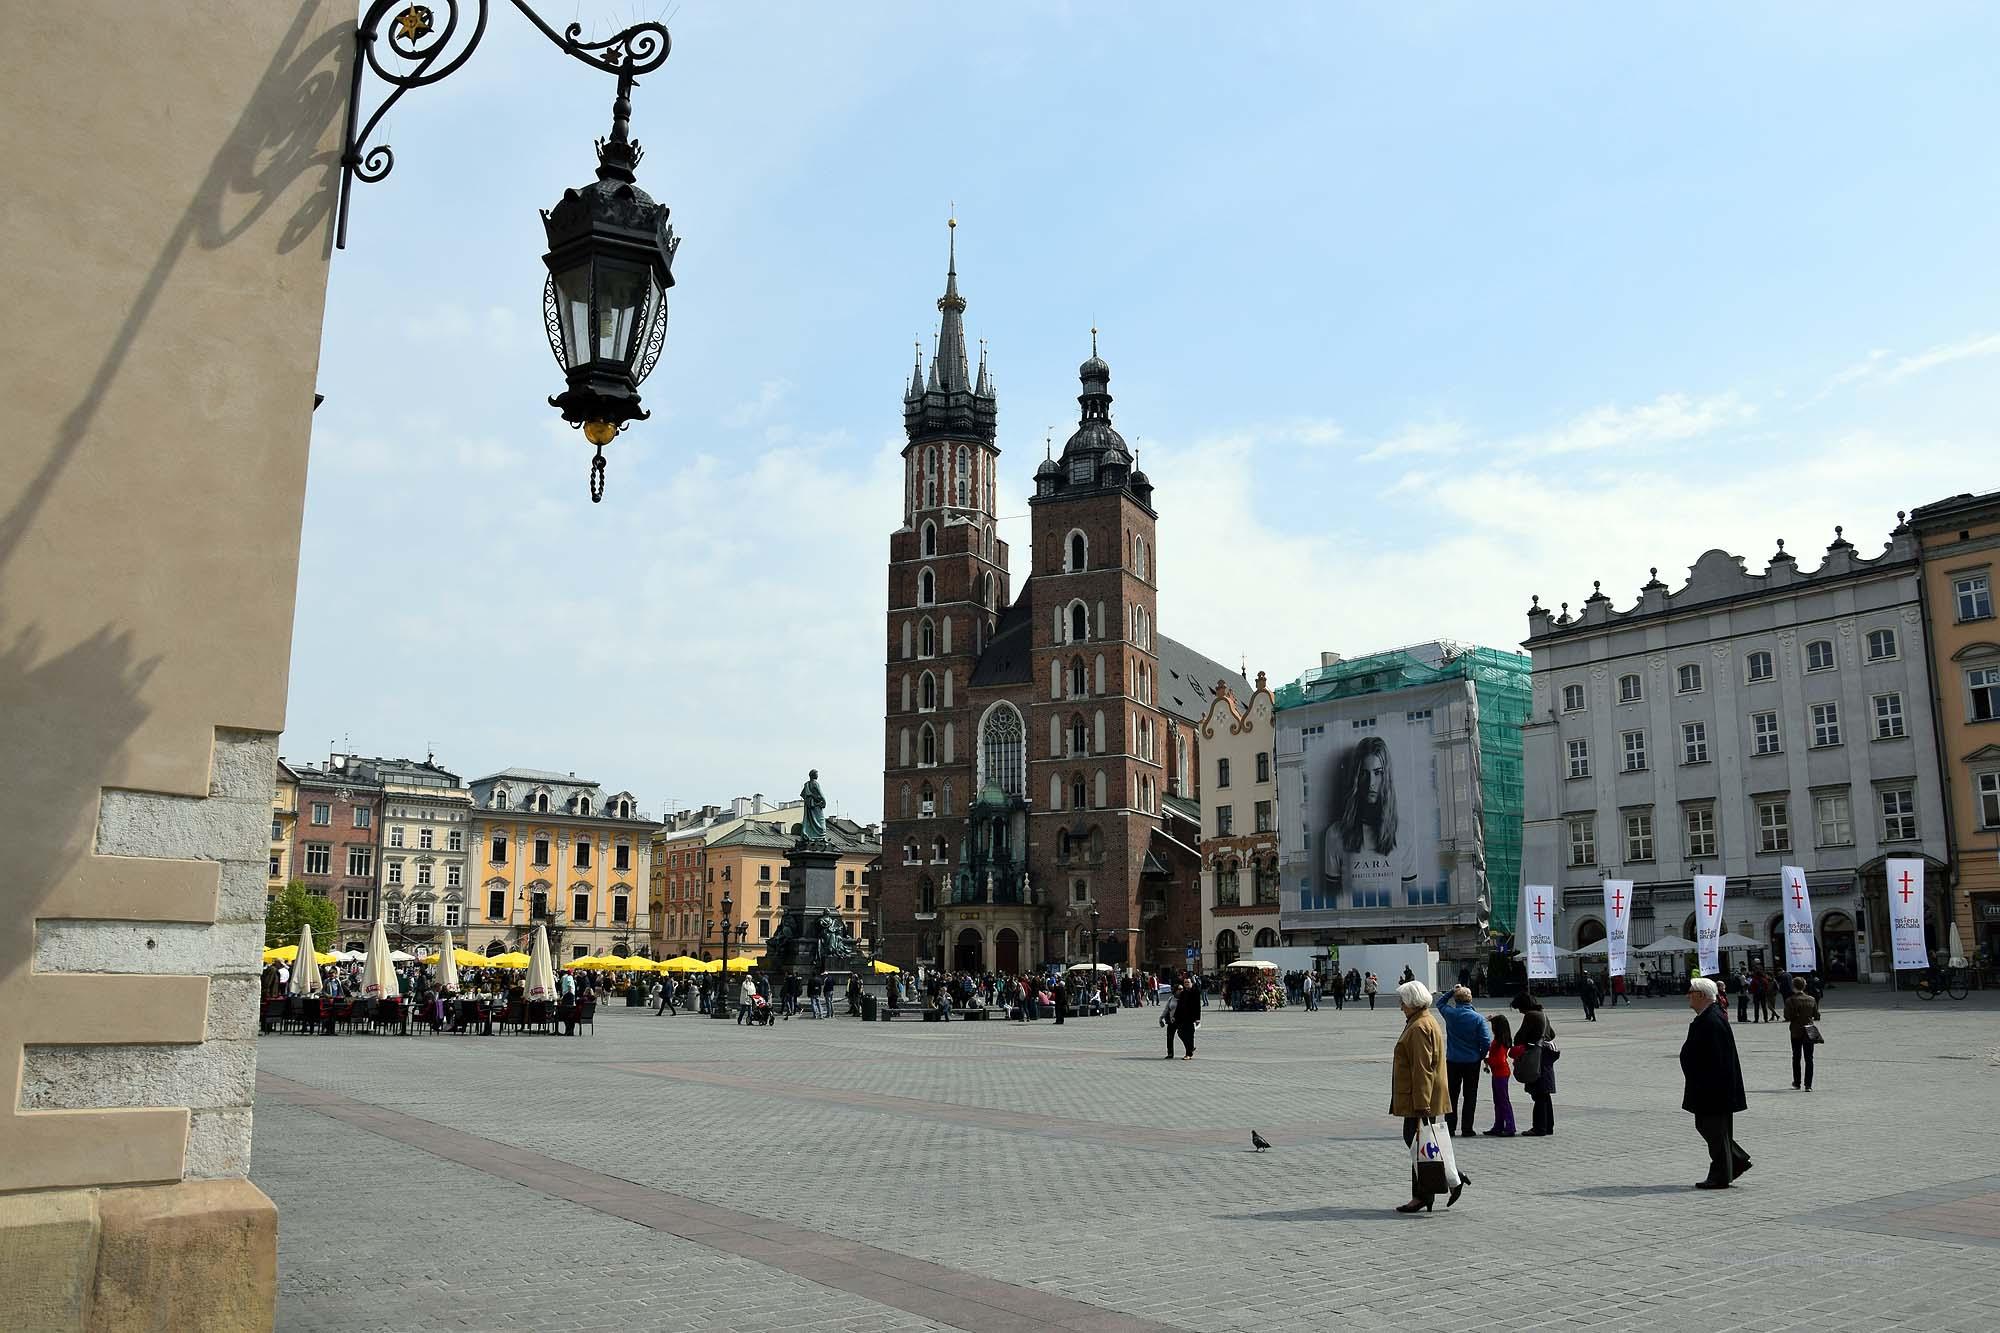 Marienkirche mit unterschiedlichen Türmen